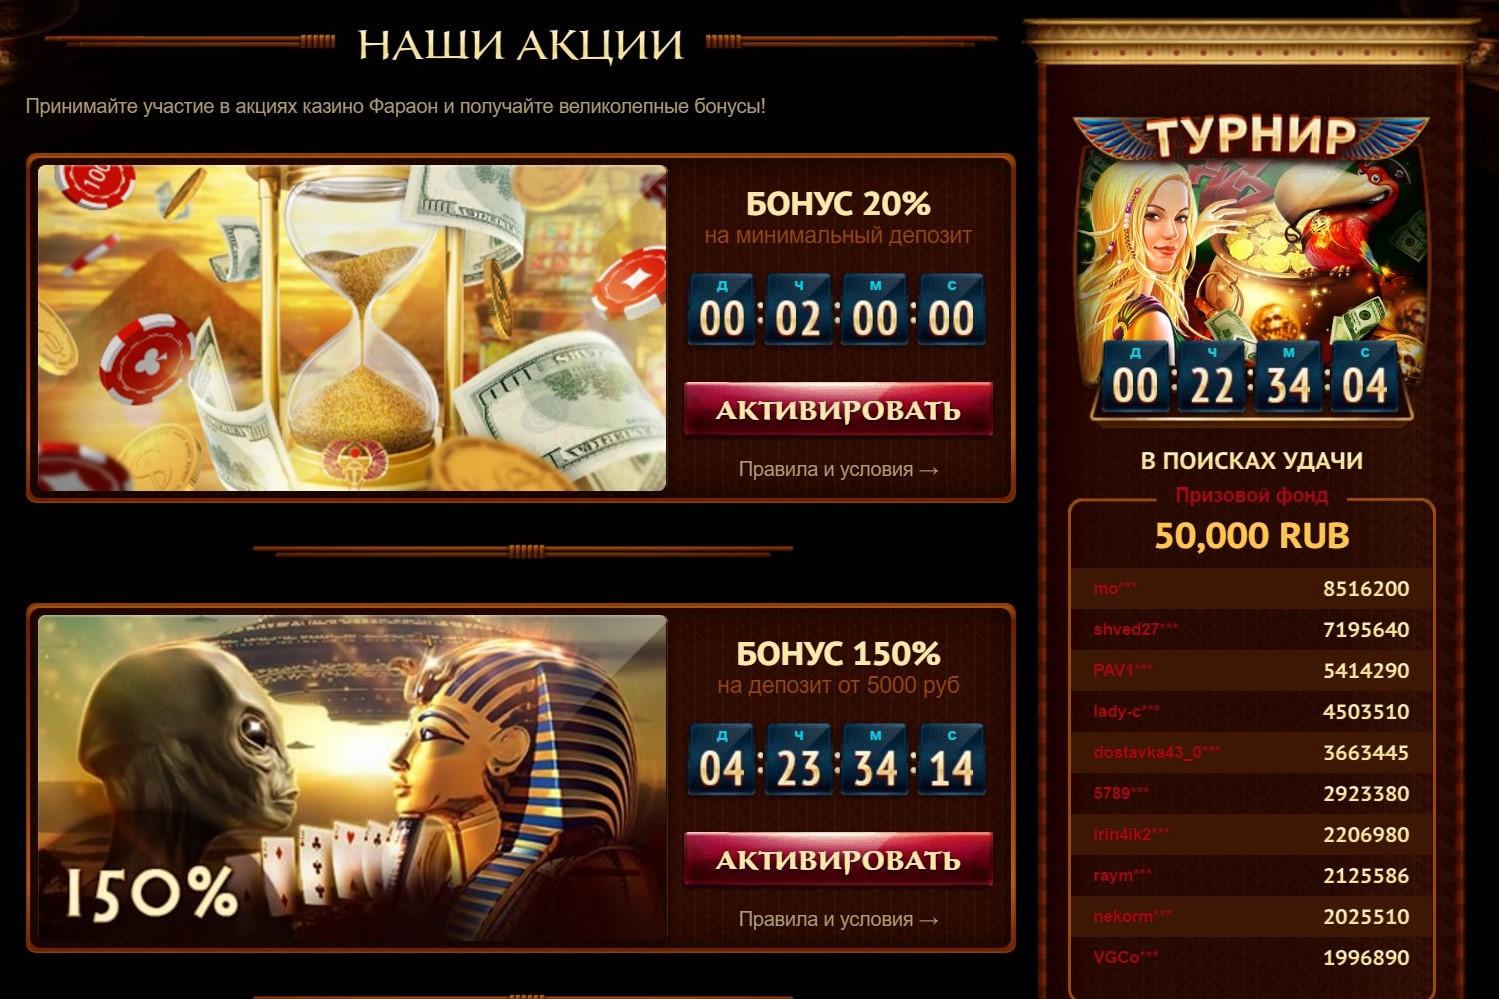 бонусы казино фараон